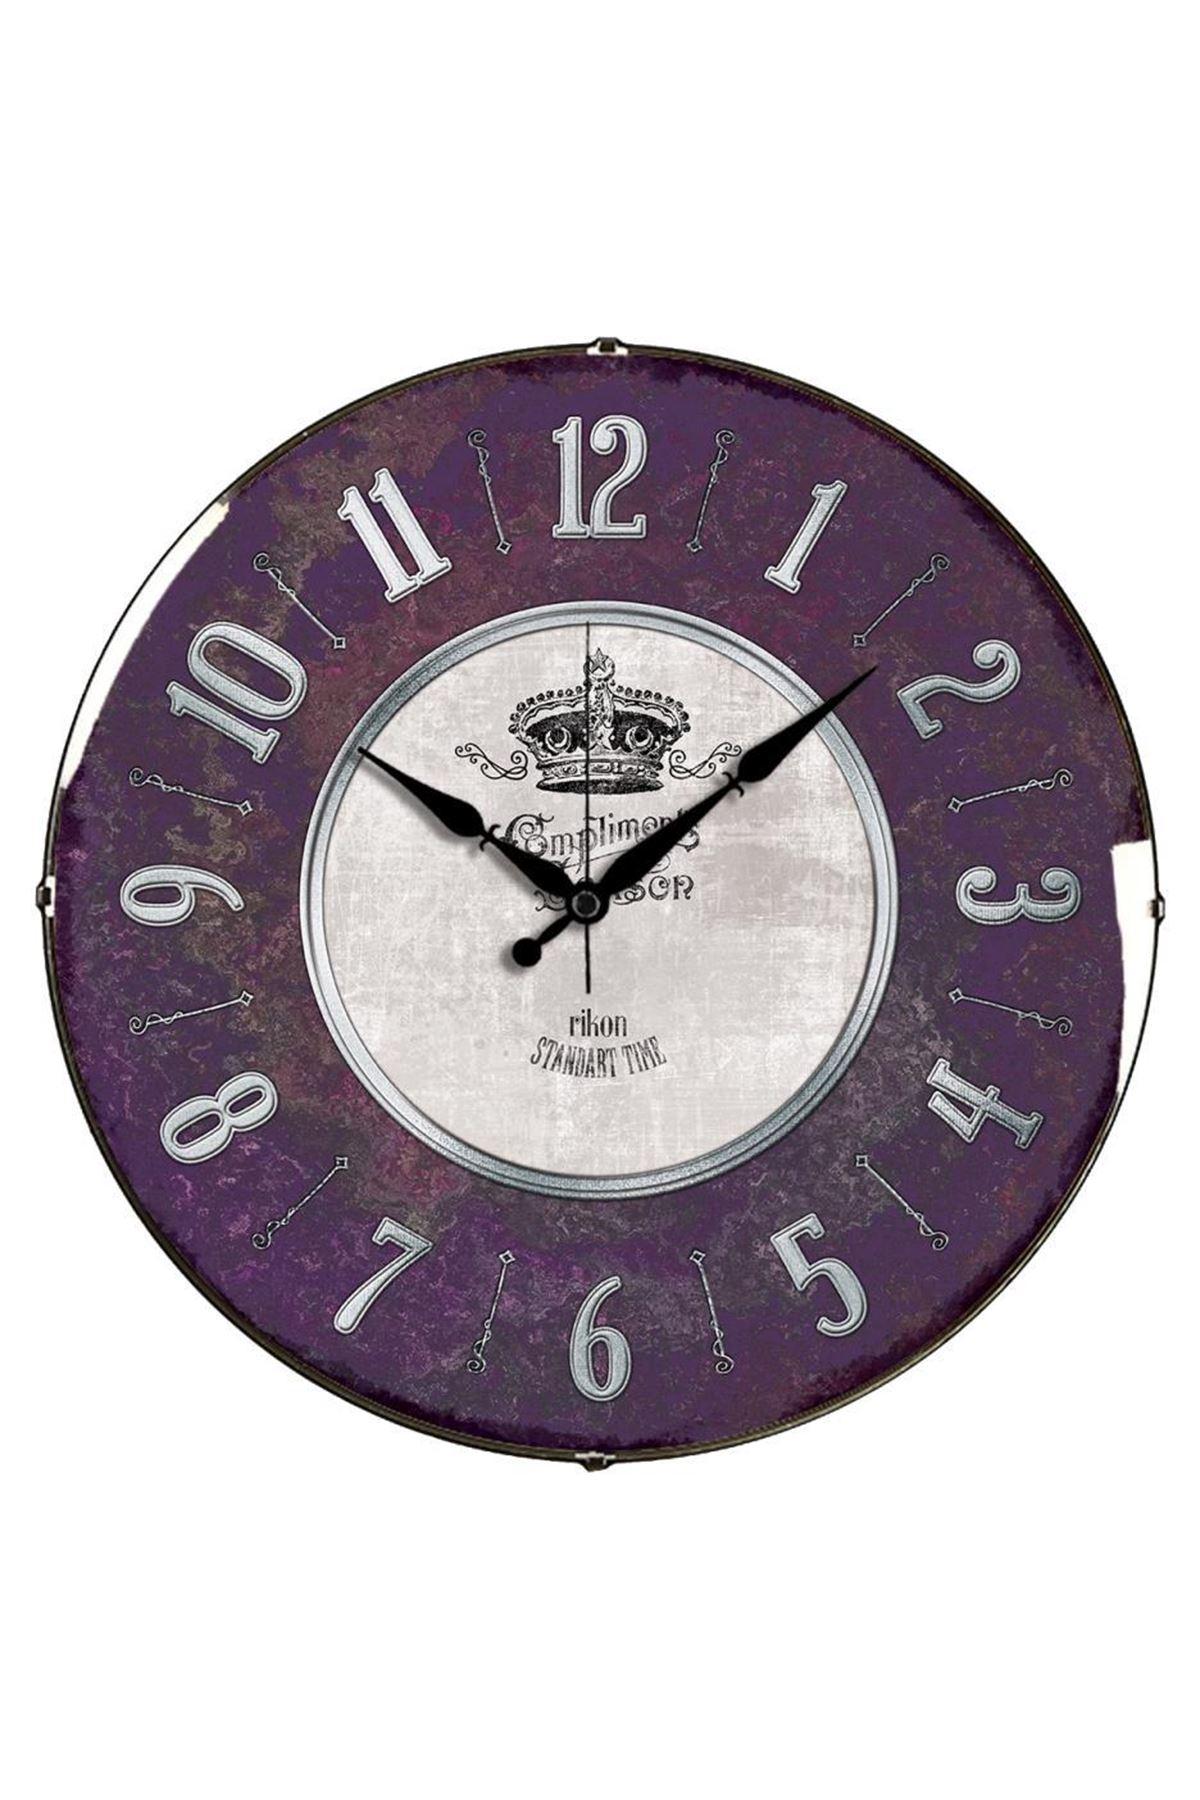 Rikon Kral Tacı Dekoratif Bombe Camlı Duvar Saati